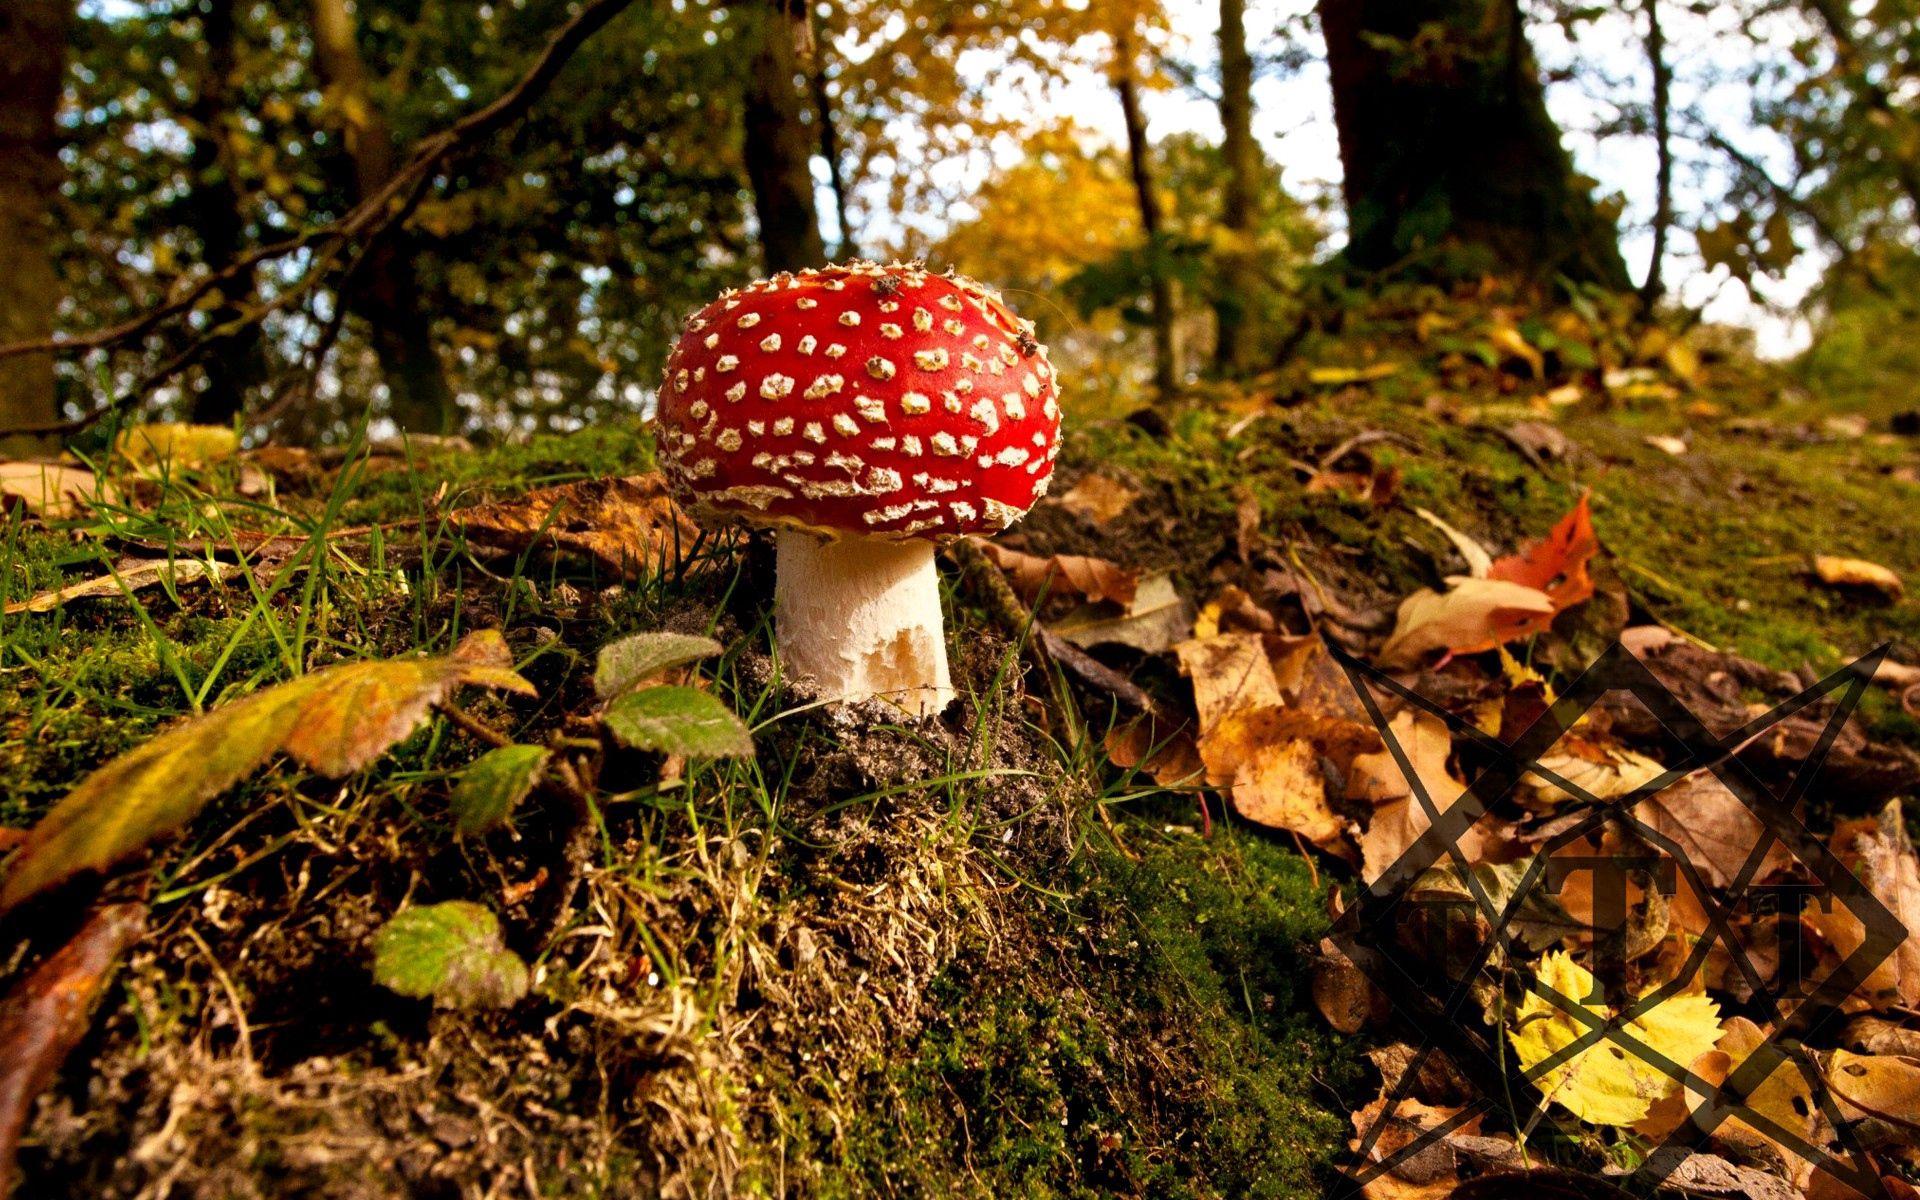 131869 скачать обои Природа, Мухомор, Трава, Осень, Гриб - заставки и картинки бесплатно